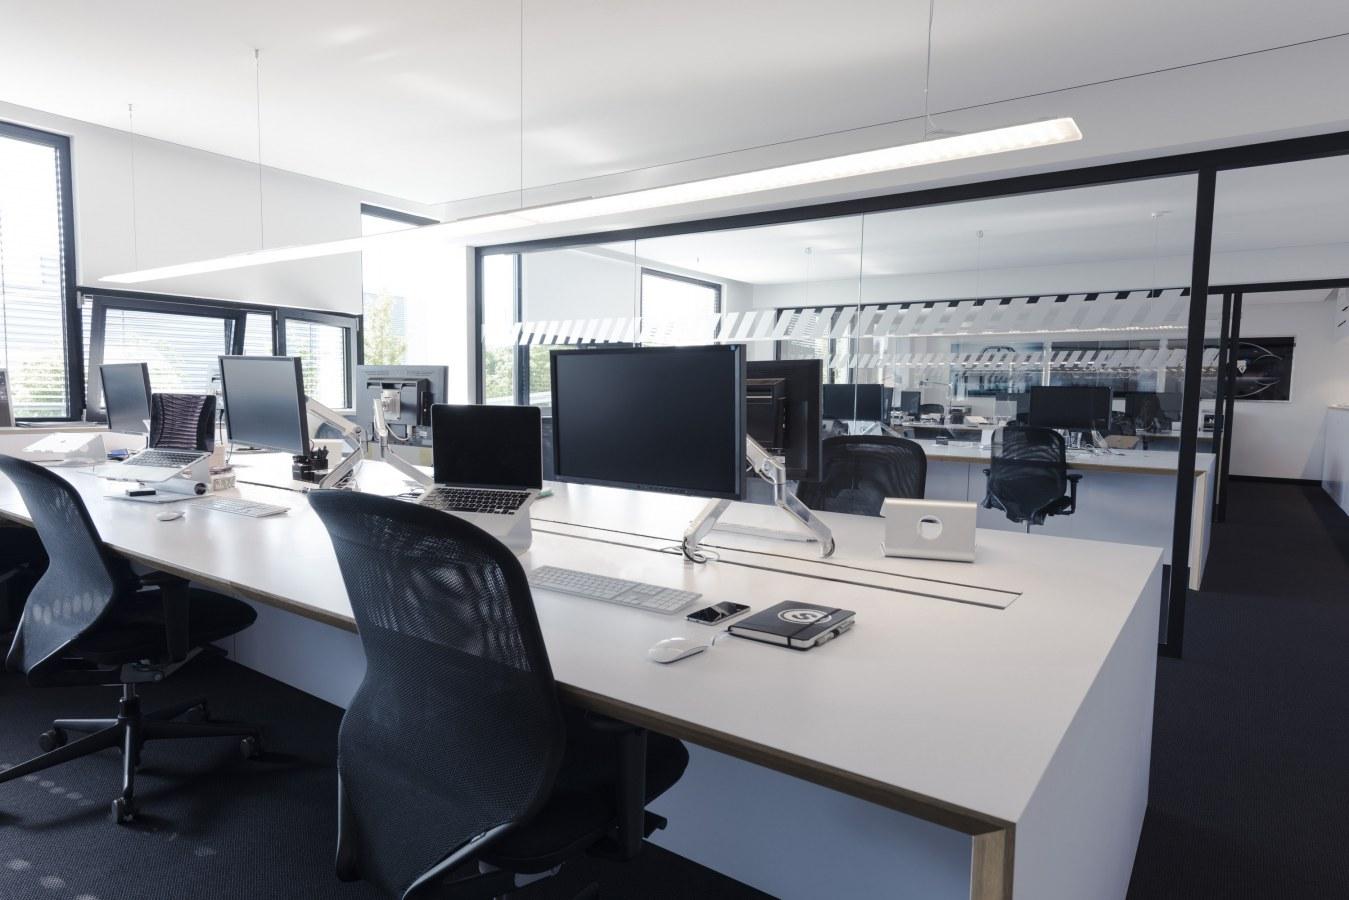 Isabell-Ehring-Innenarchitektur-Stuttgart---Umbau-Buero-STAUD-STUDIOS-4.jpg